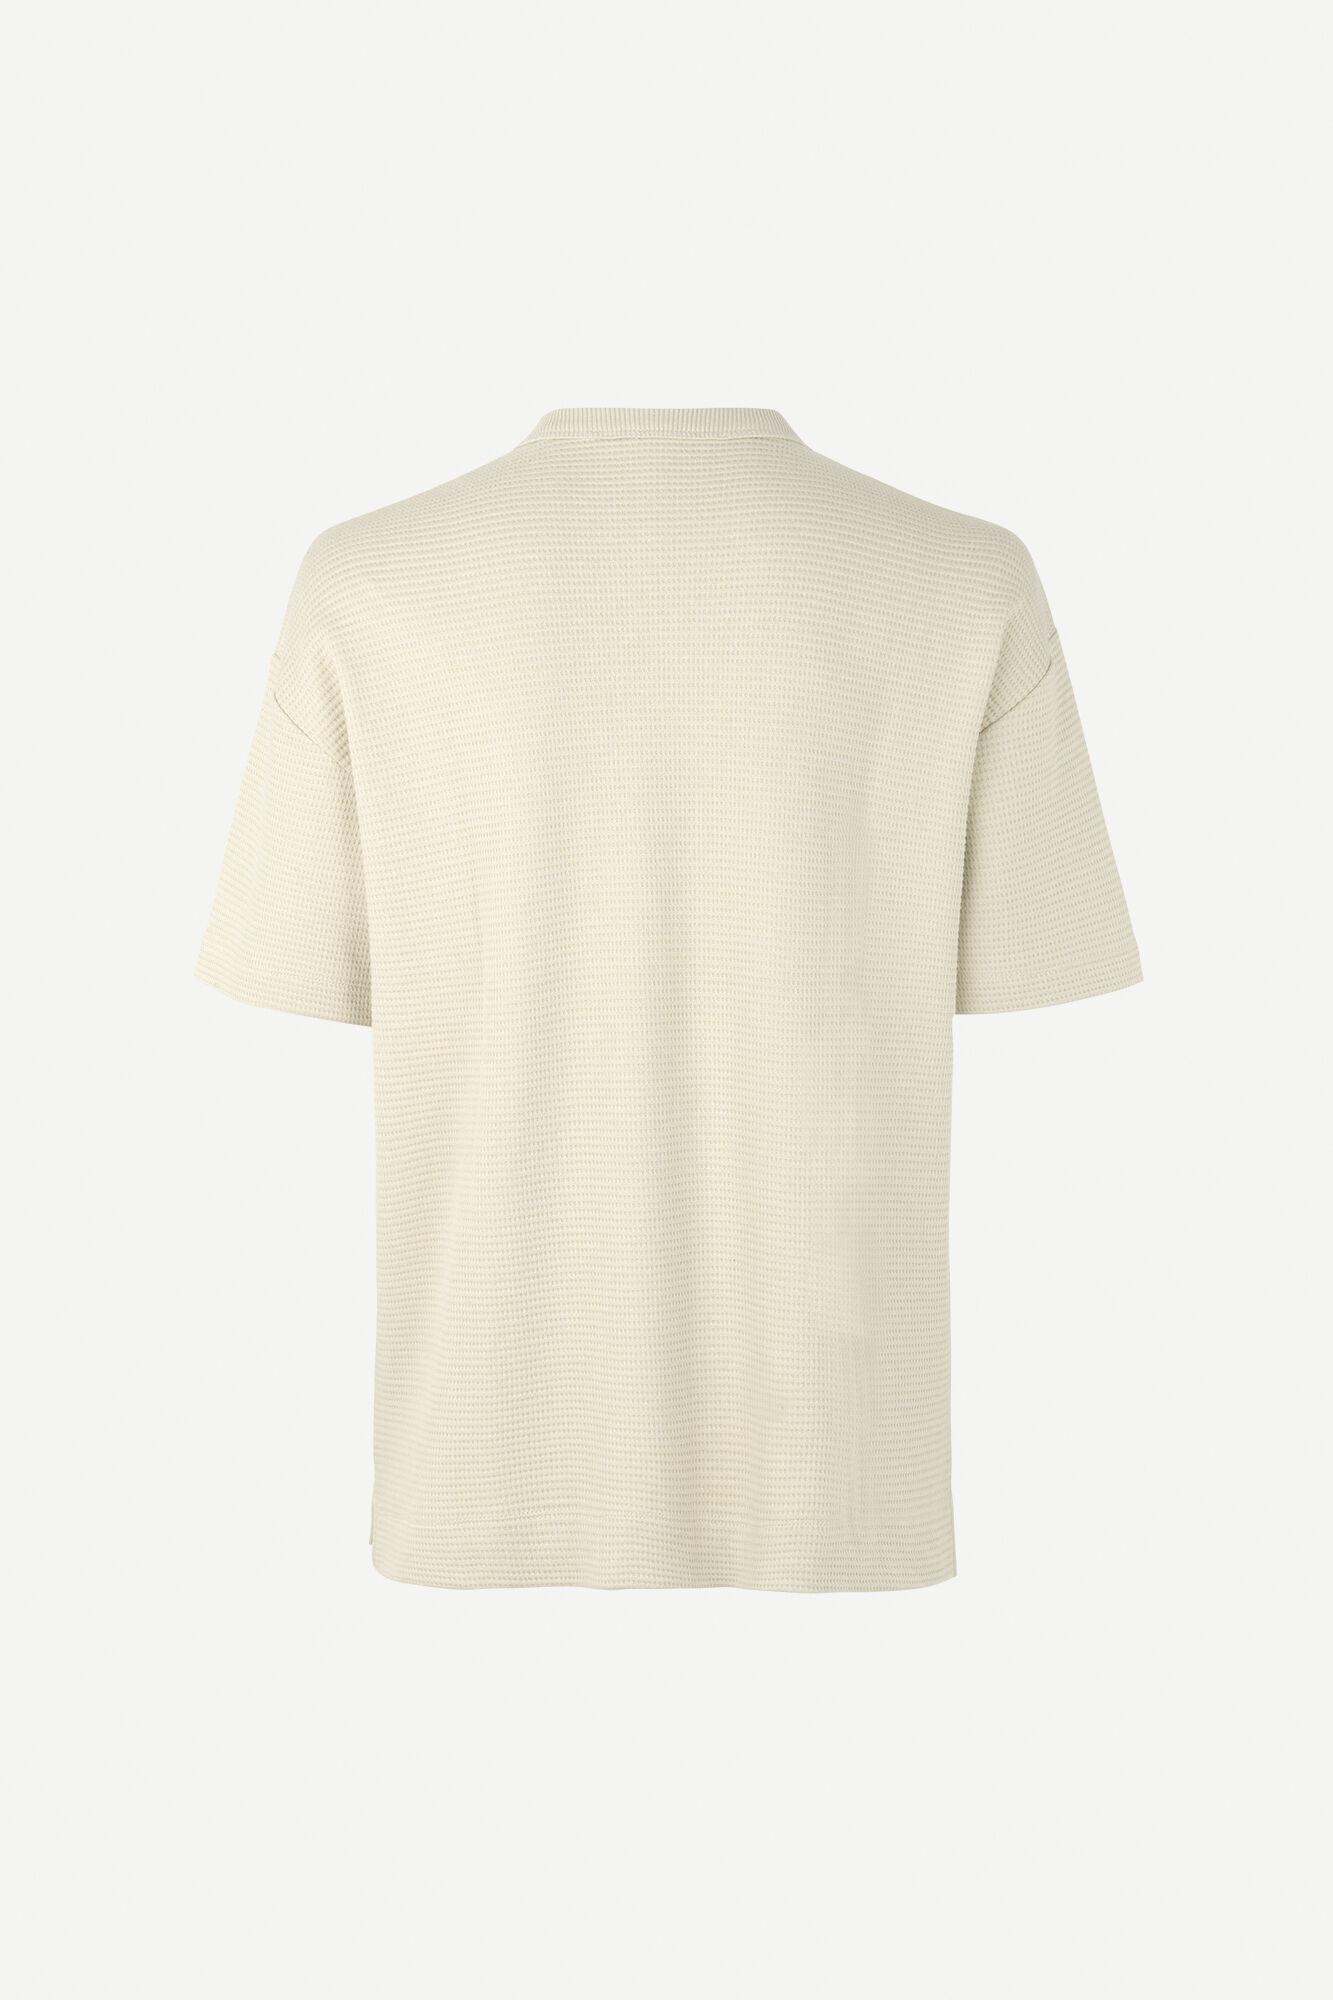 Ratano T-Shirt Overcast Cream 11583-2